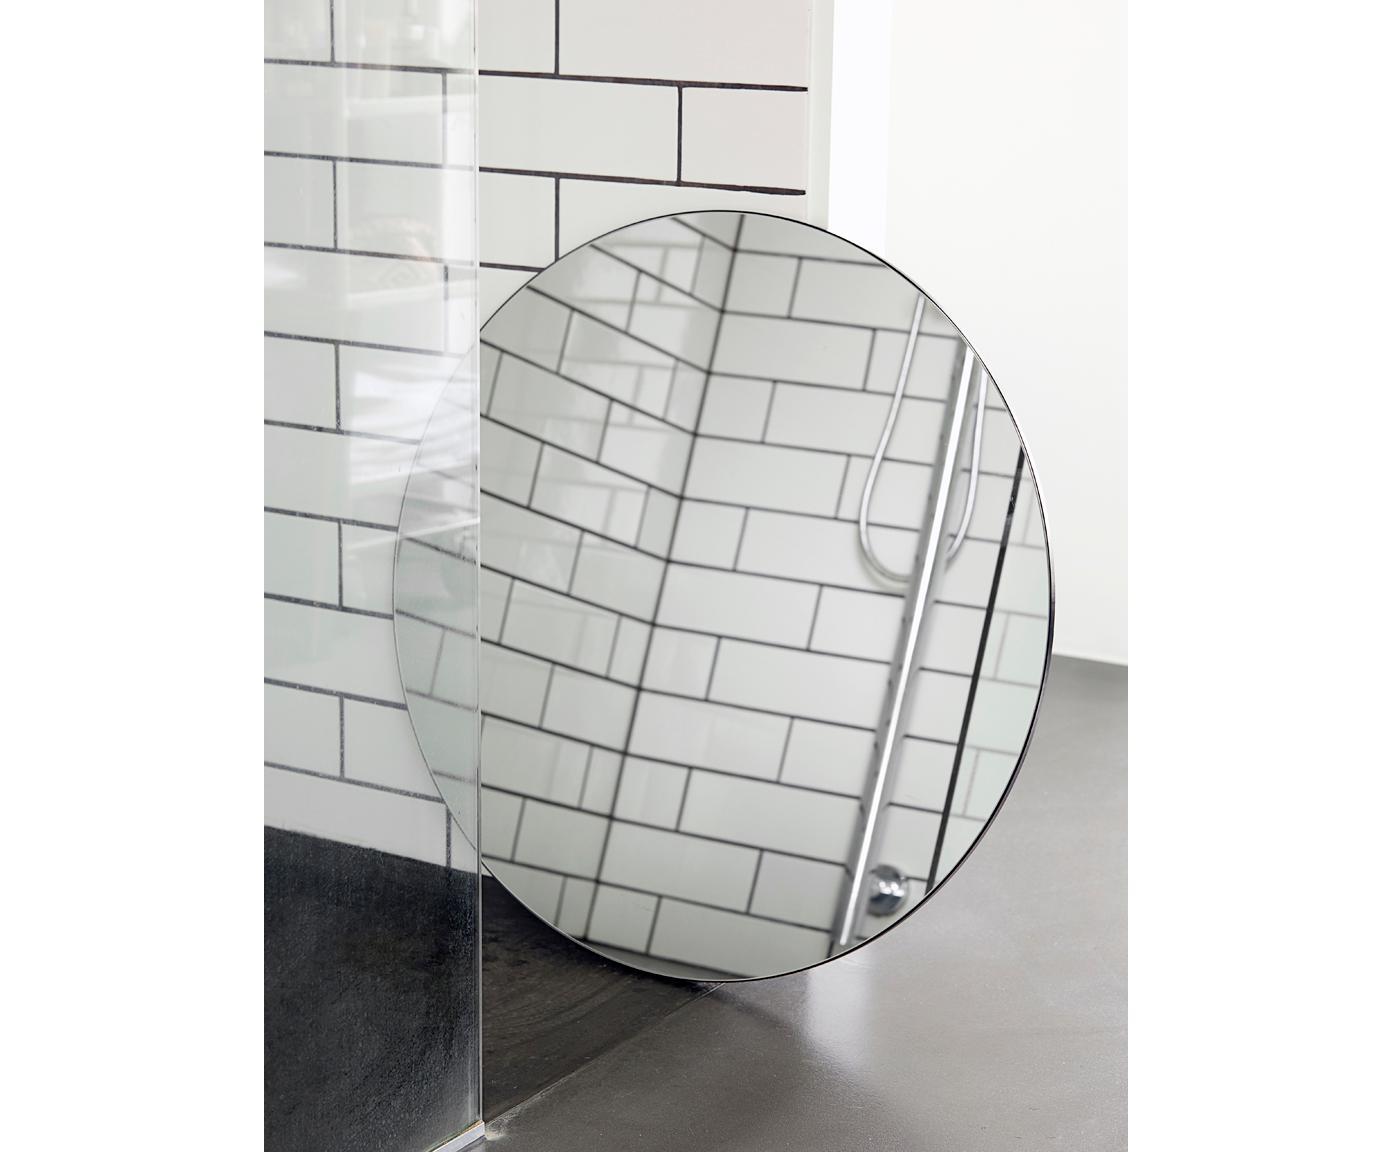 Lustro ścienne Walls, Szkło lustrzane, Szkło lustrzane, Ø 80 cm